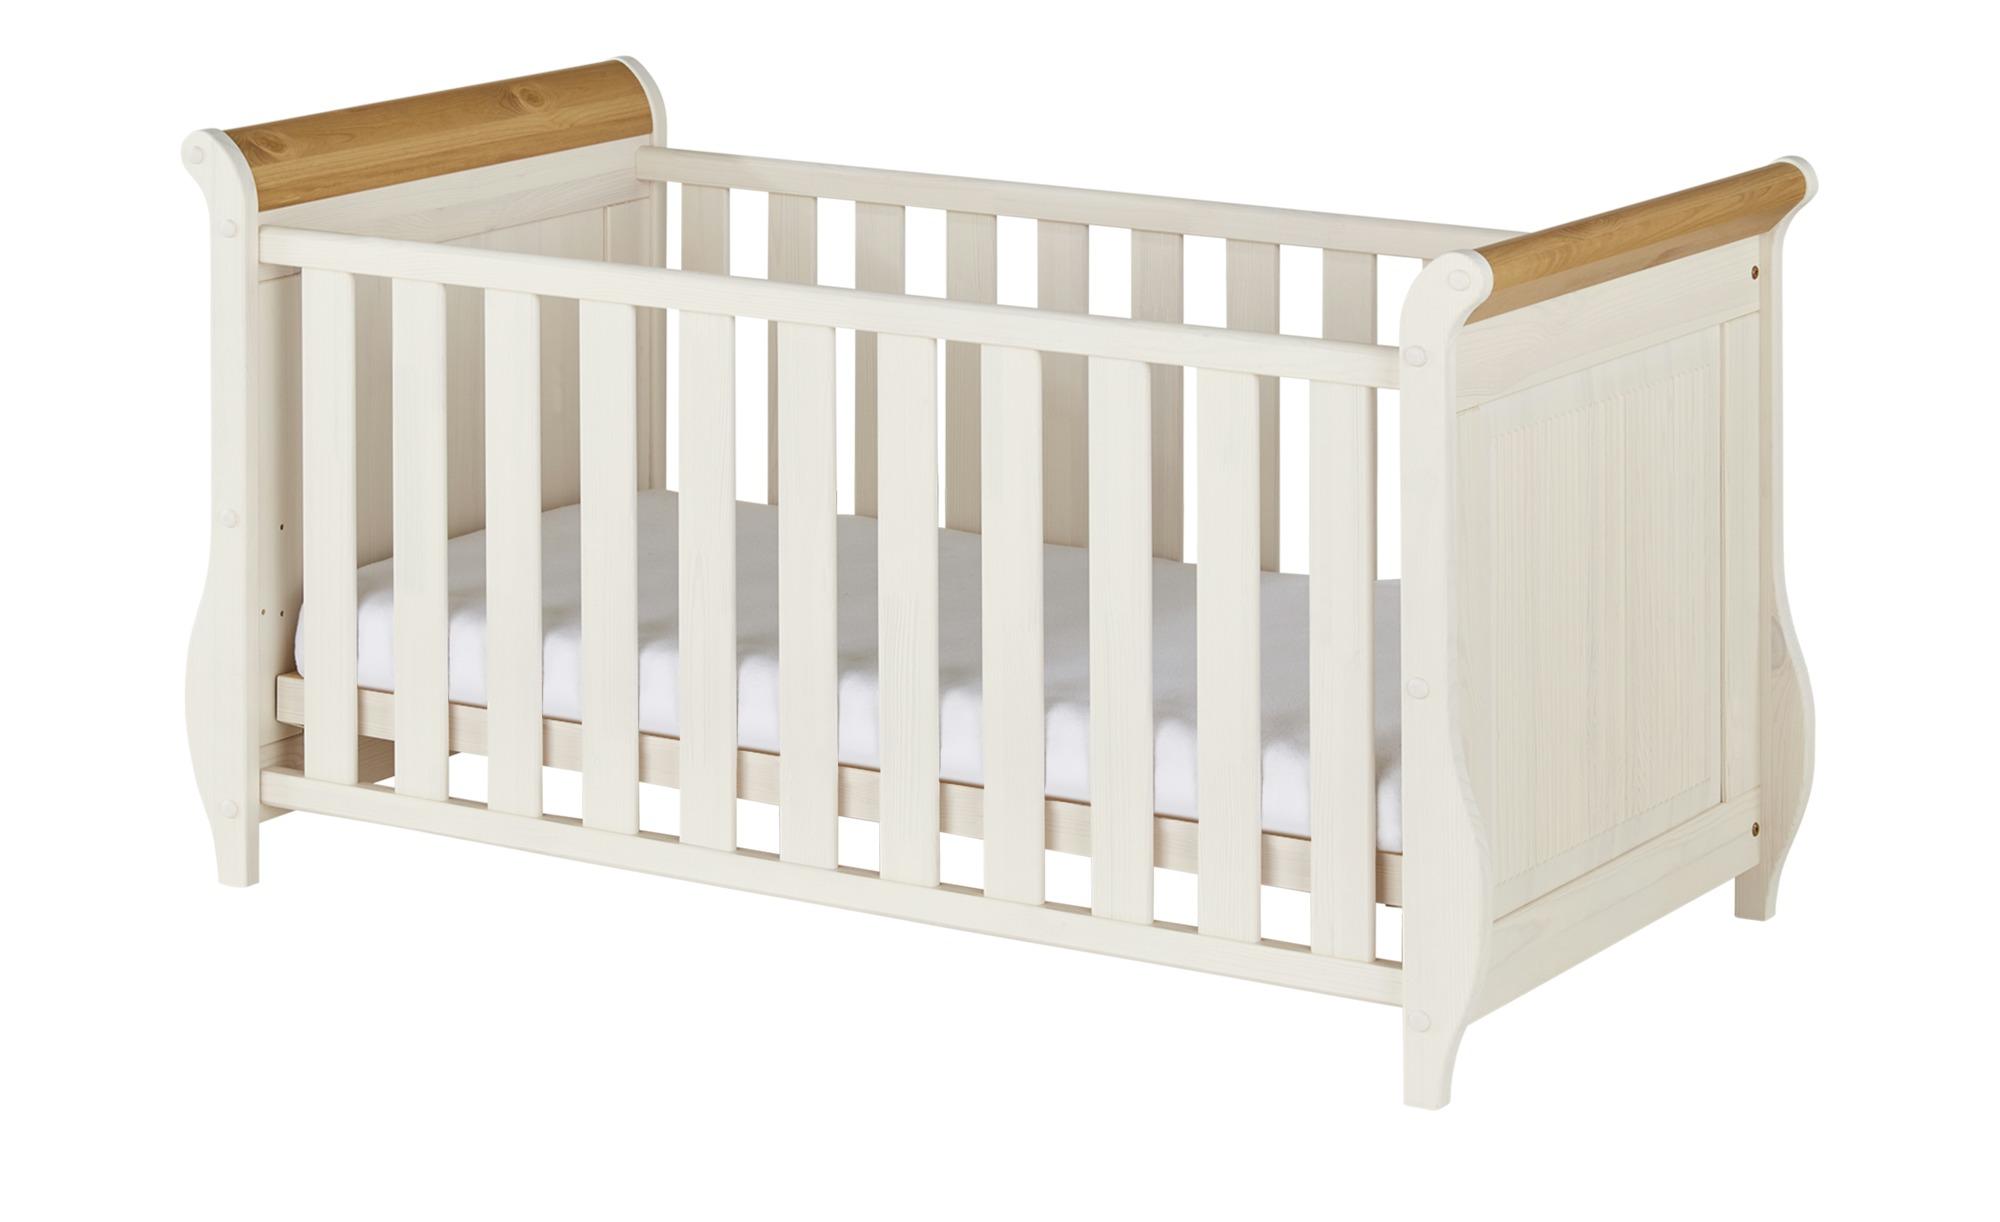 Babybett - weiß - 75 cm - 84 cm - Baby > Babymöbel > Babybetten - Möbel Kraft | Kinderzimmer > Babymöbel > Babybetten & Babywiegen | Sconto